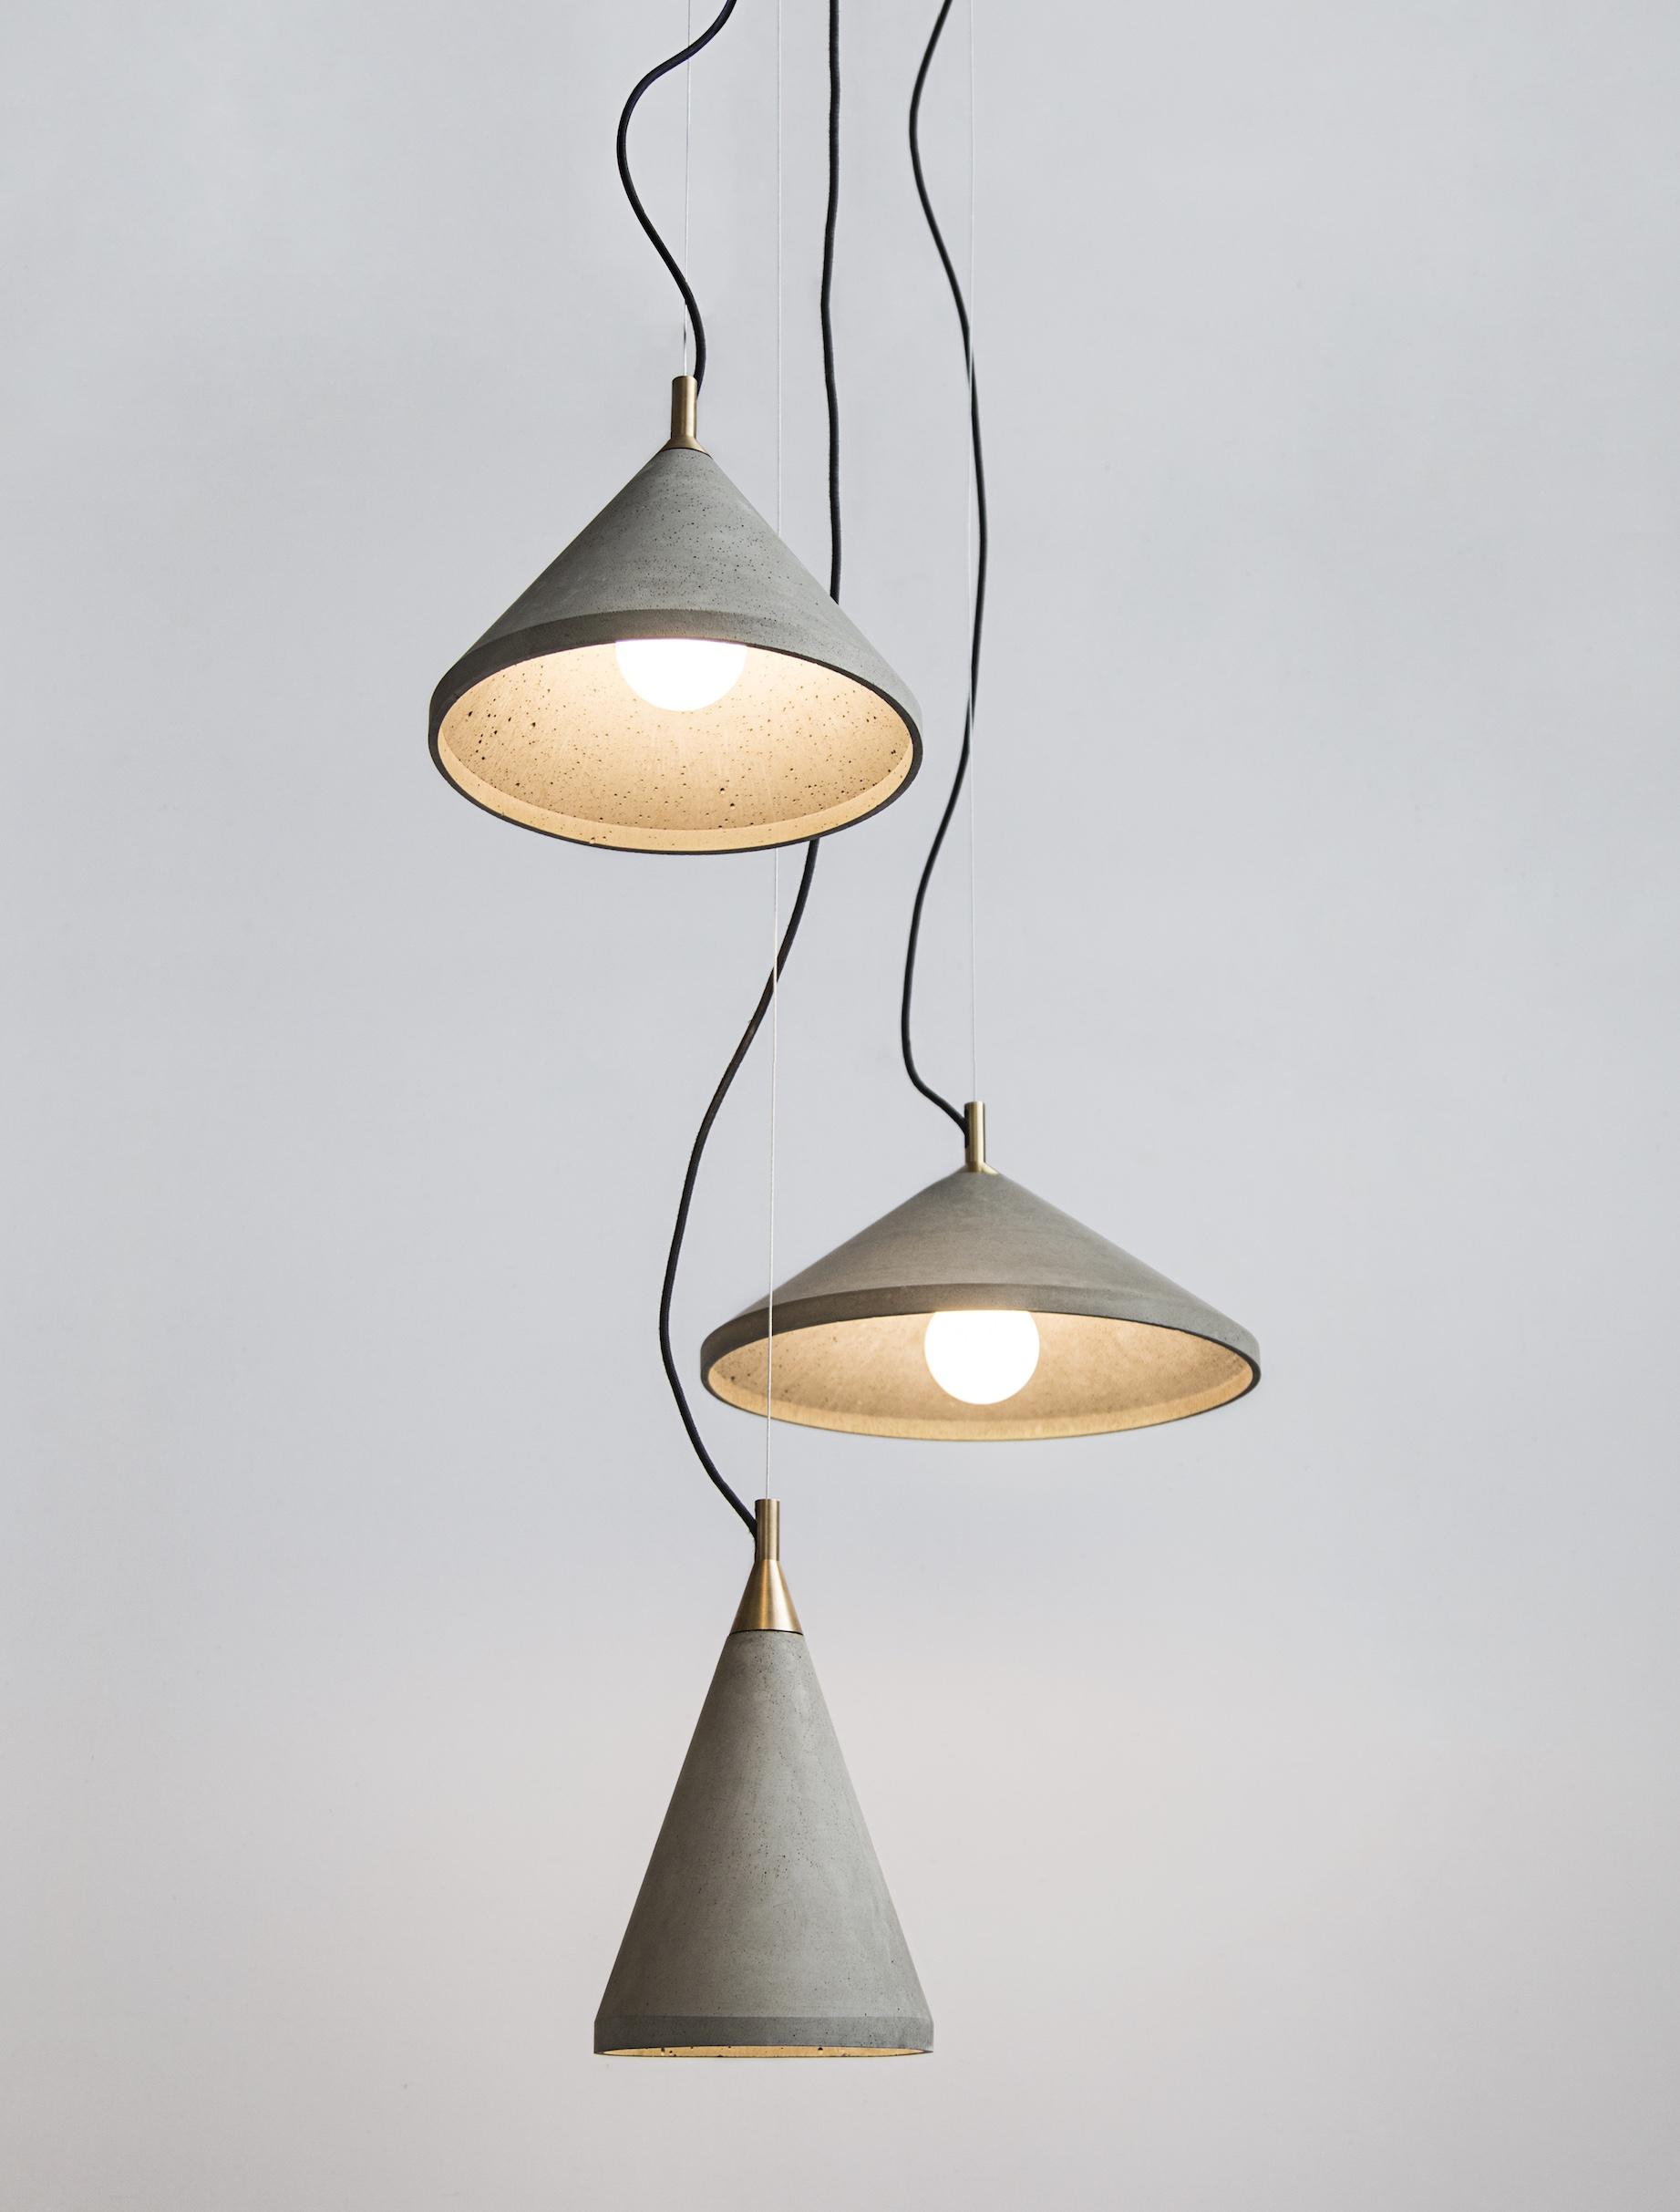 Ren-BentuDesign-SavannahBay-Gallery-Lamp